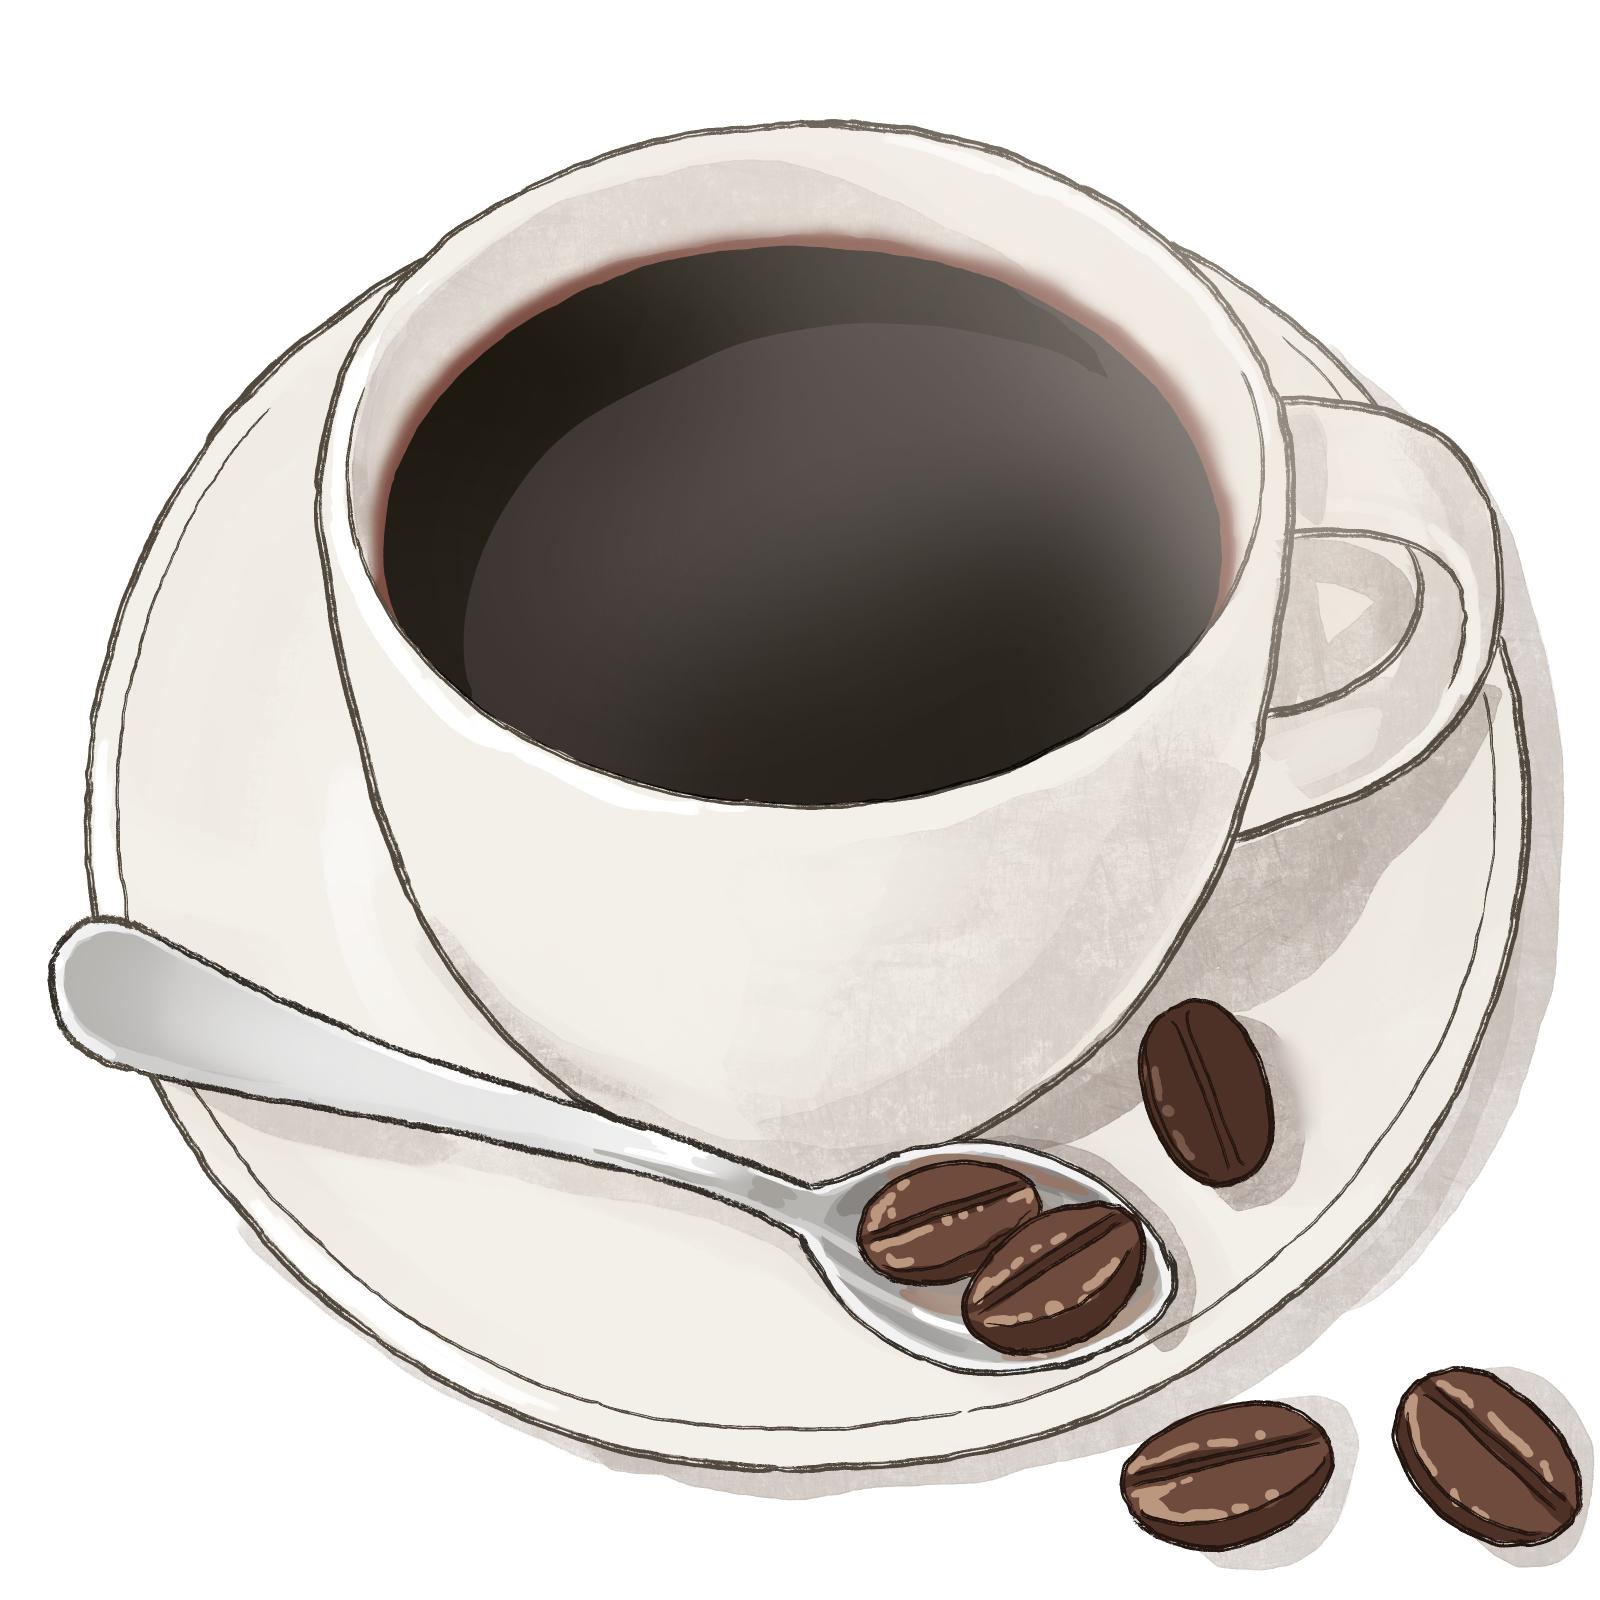 時間 断食 コーヒー 16